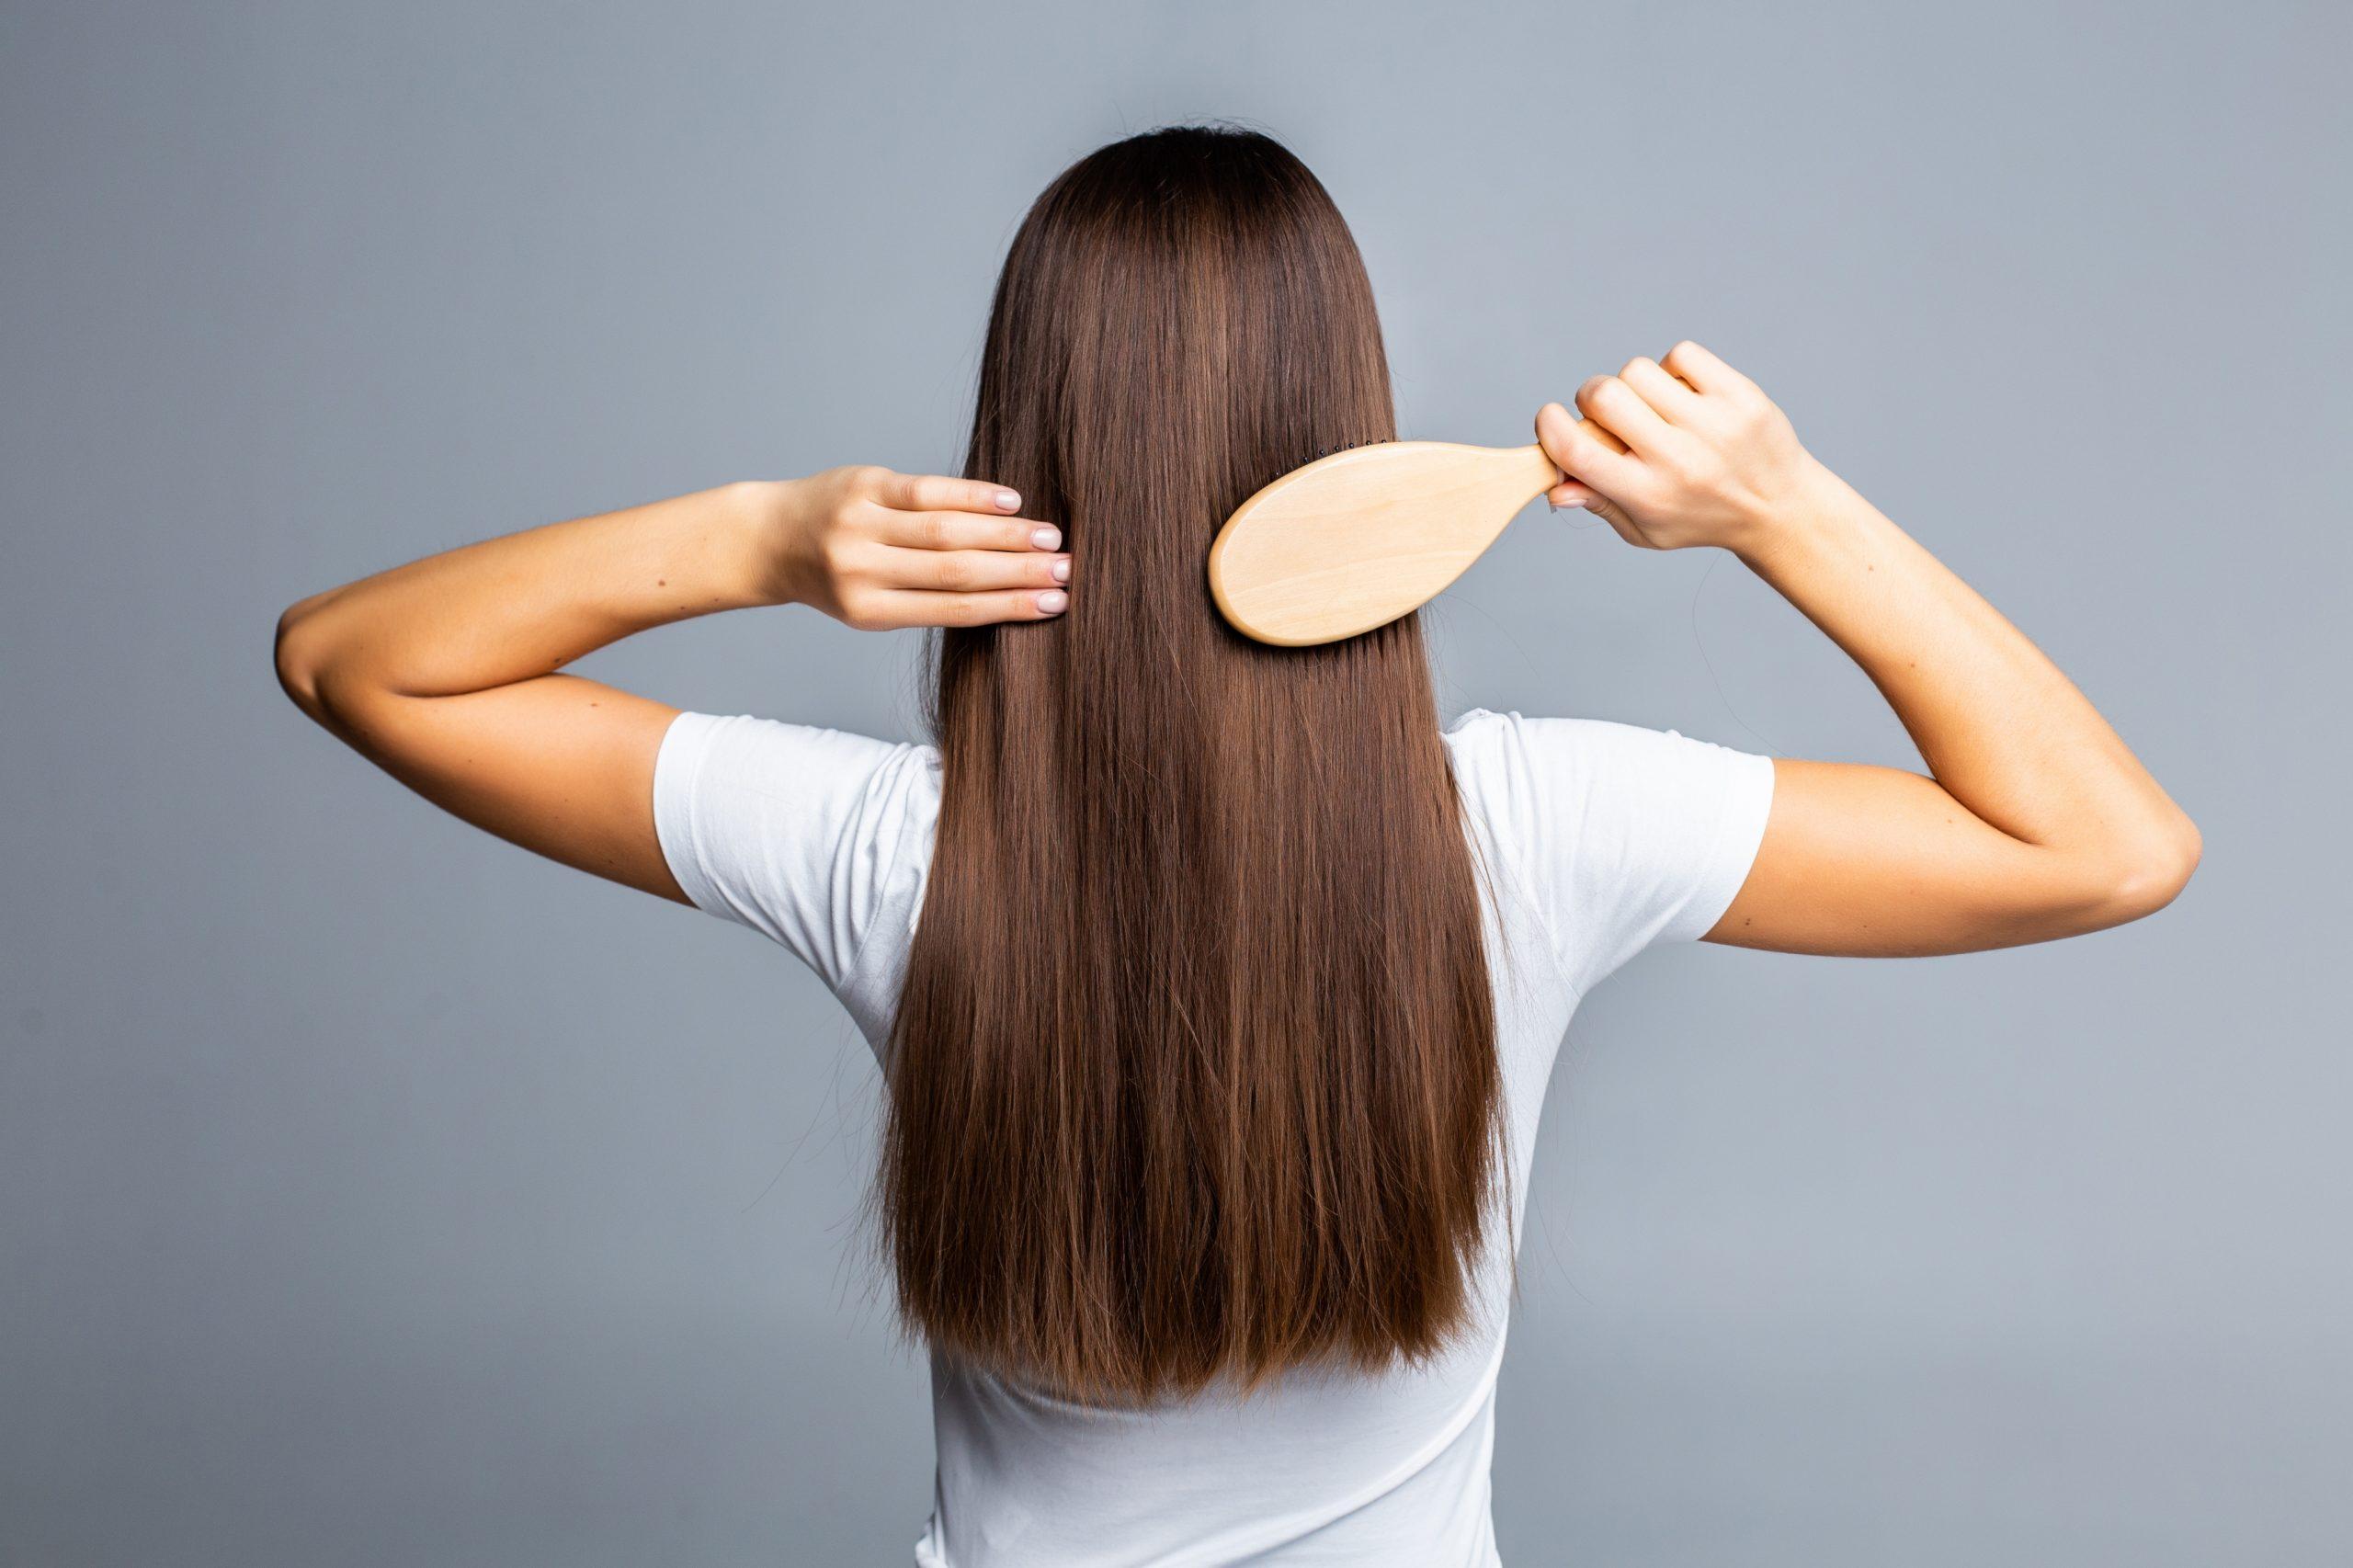 Trucos para mantener el cabello lacio y sin frizz